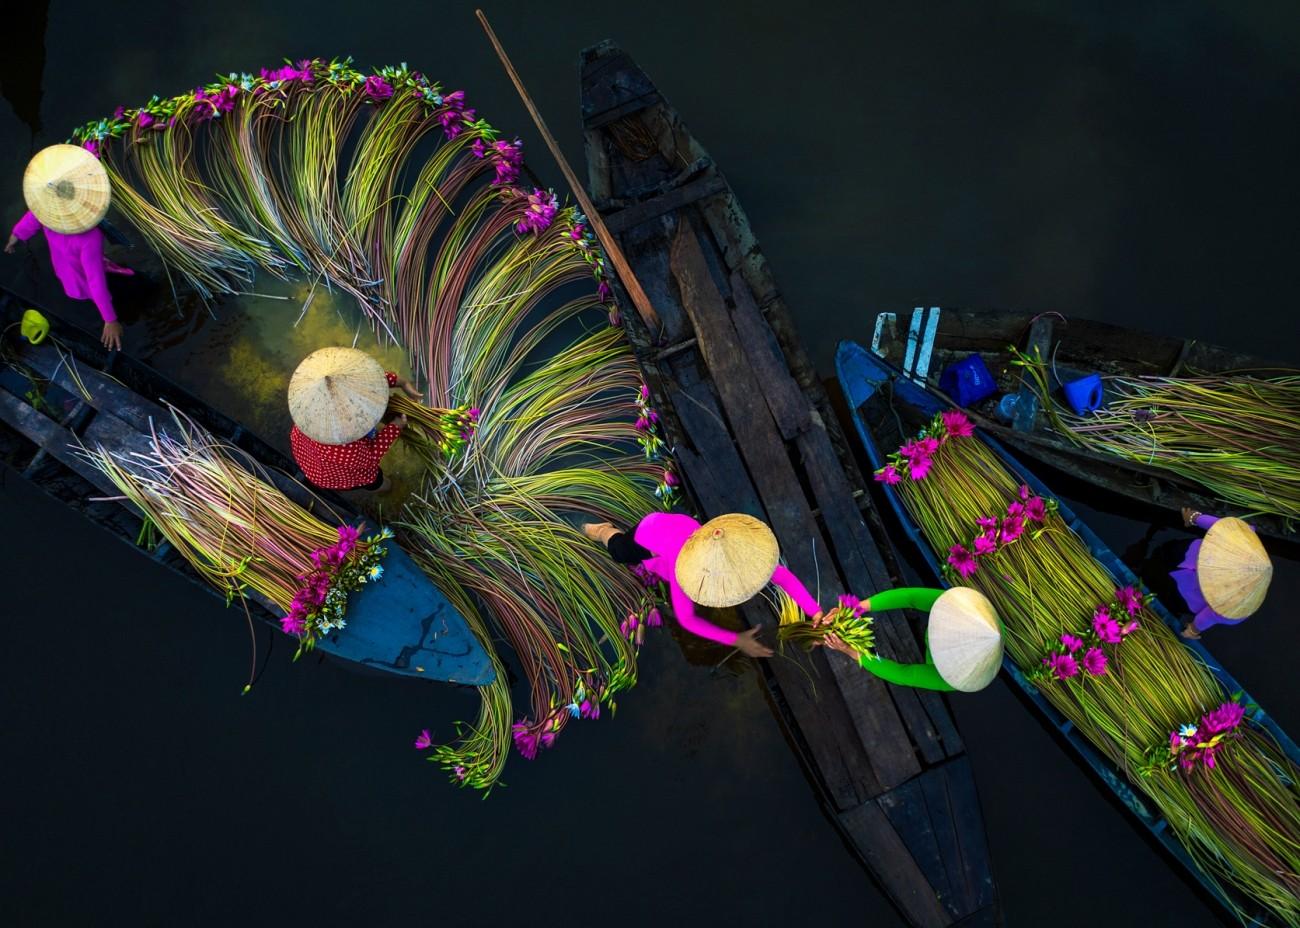 Поощрительная премия в категории «Путешествия и приключения», 2020. Сбор цветов в дельте реки Меконг. Автор Чунг Фам Хай